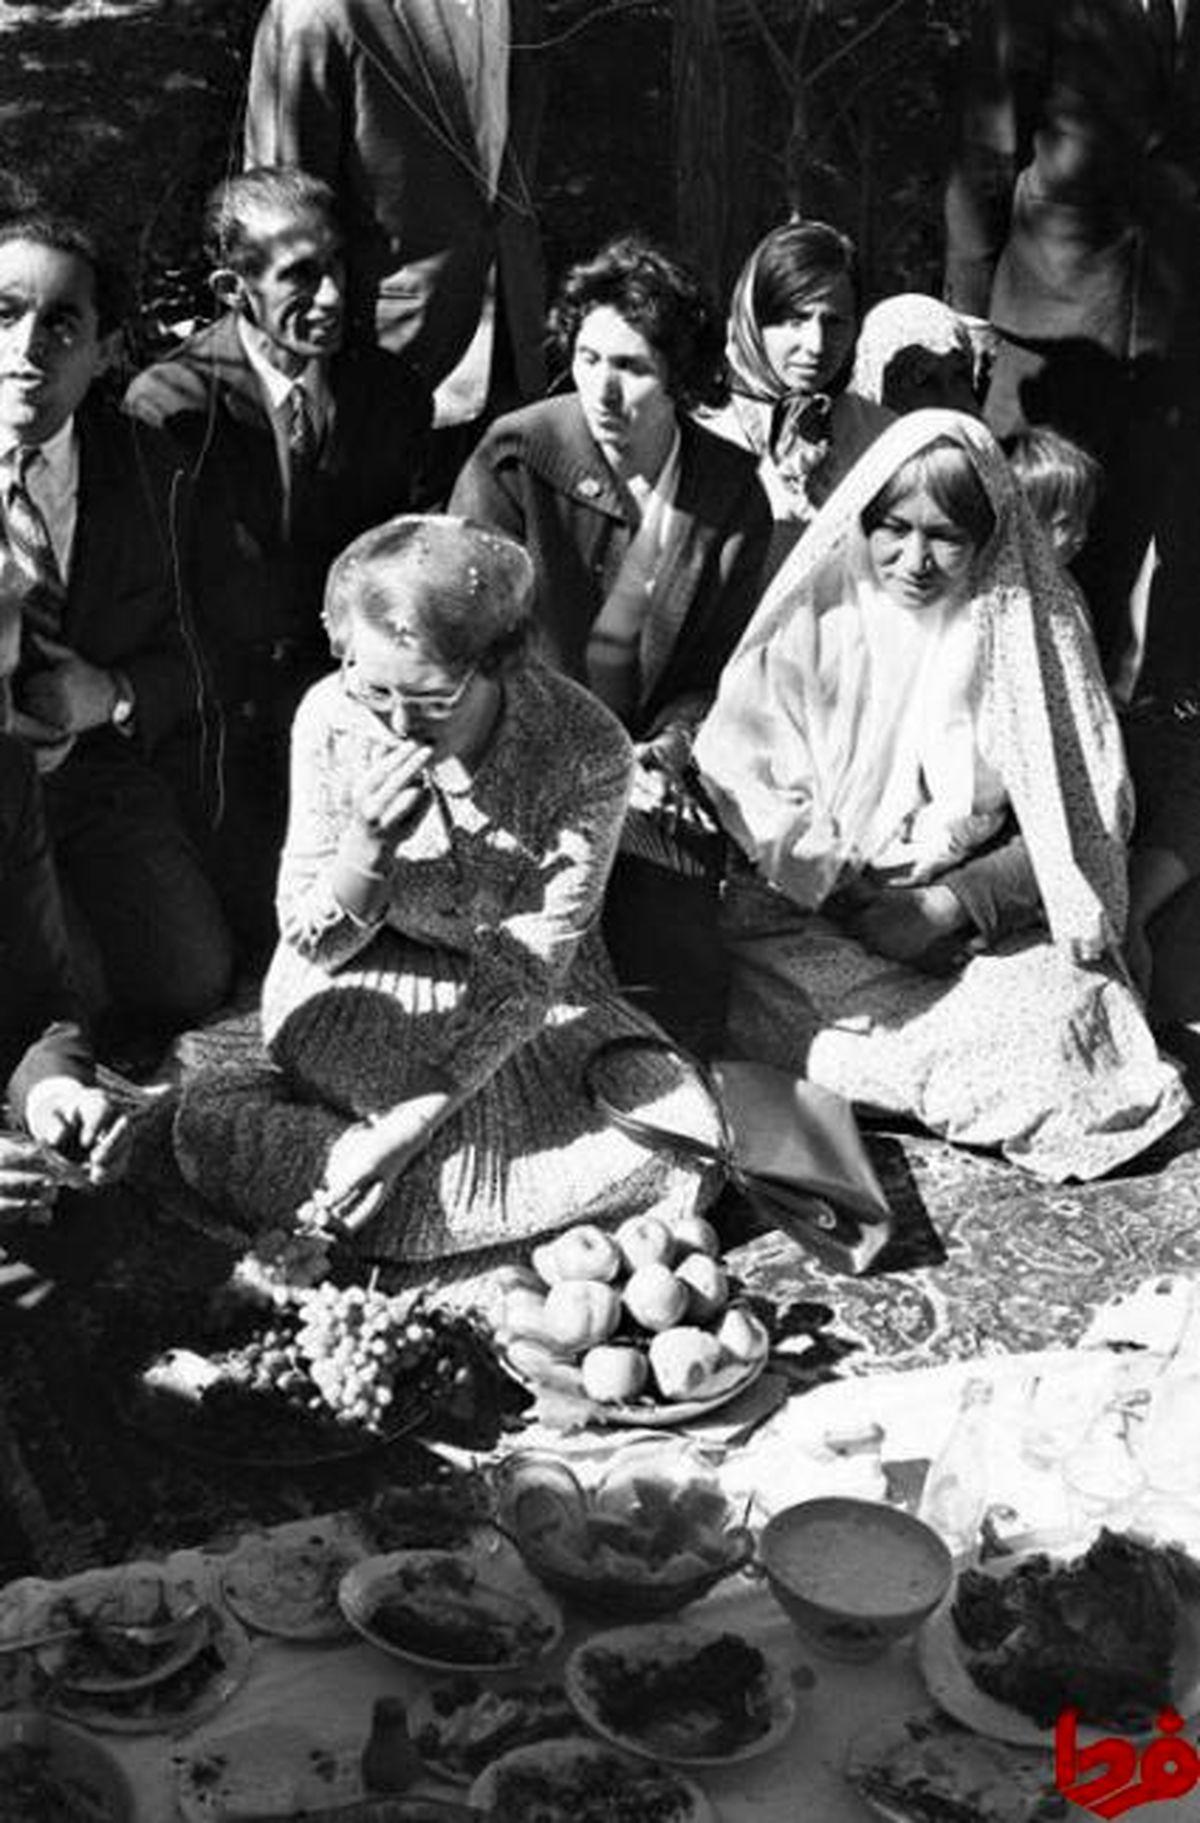 عکس: پذیرایی روستائیان ایرانی از ملکه هلند!